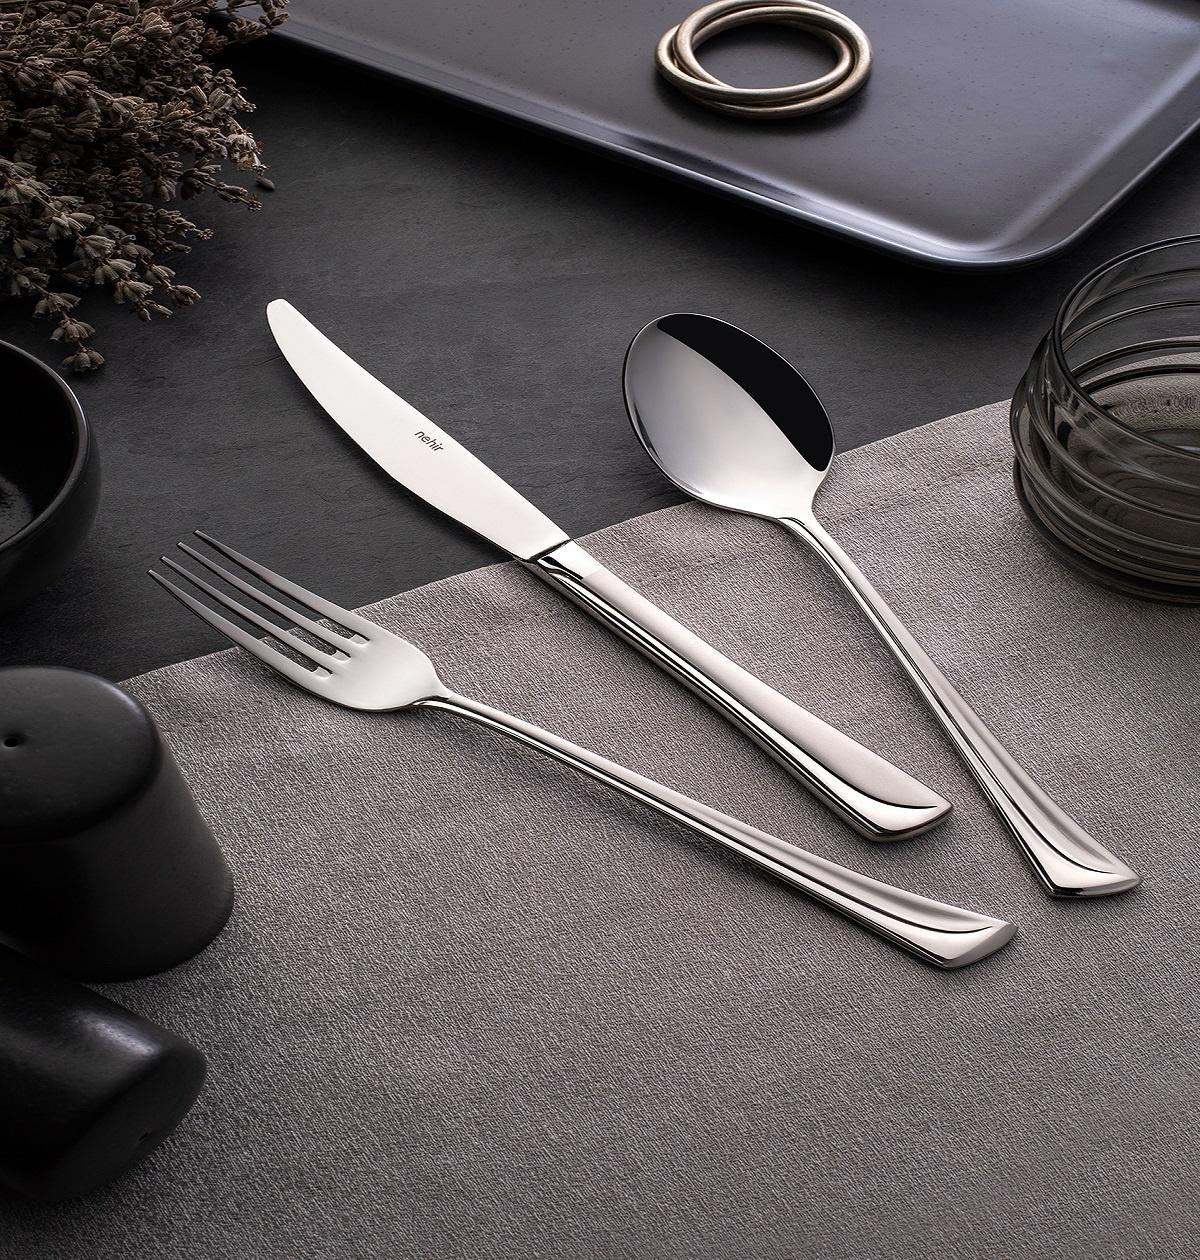 Набор столовых приборов 24 предмета набор столовых приборов 24 предмета tima танго 13001 ss